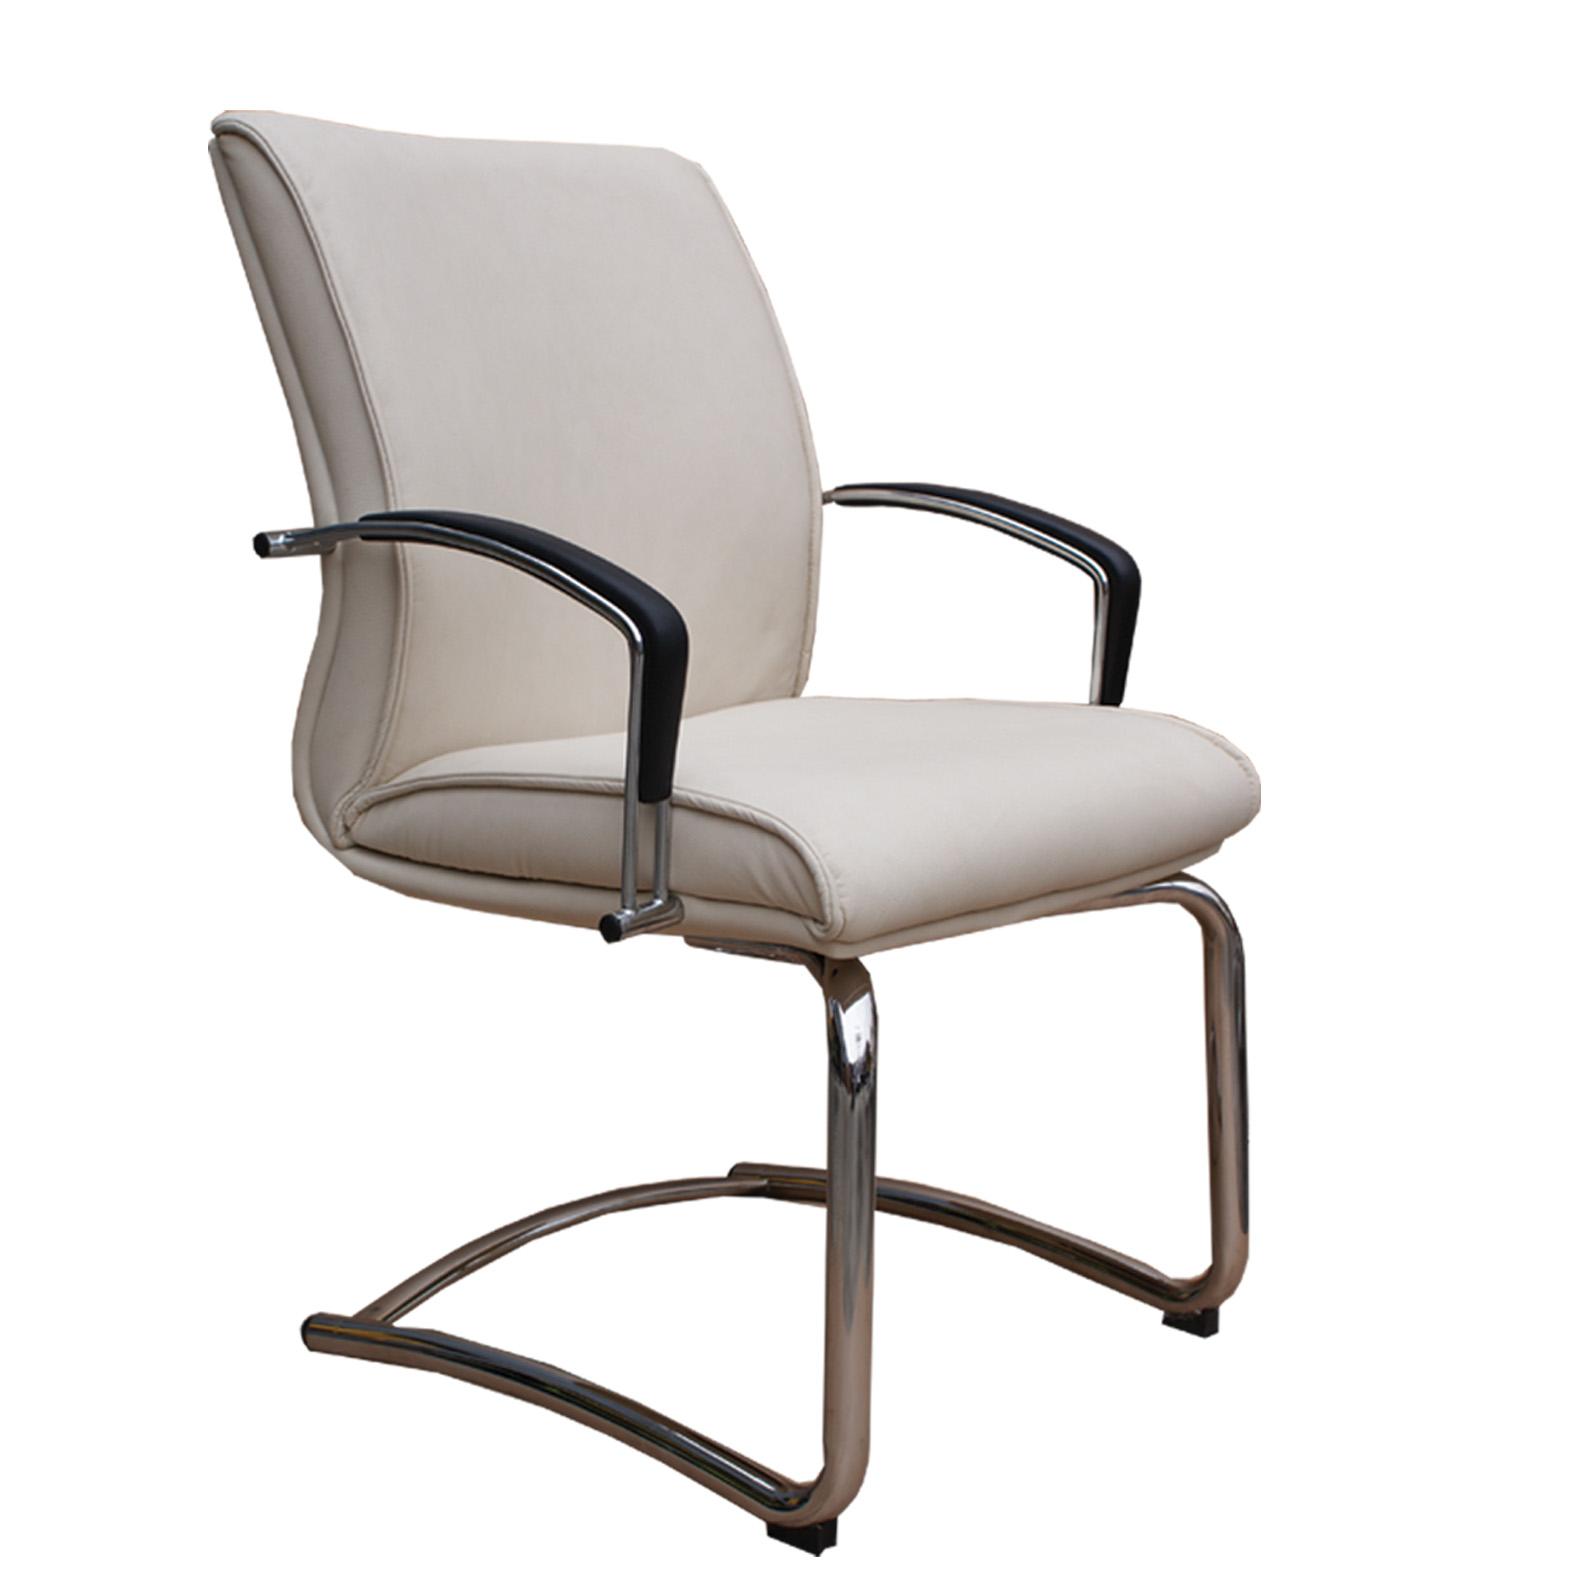 silla de visita 43 grupo meta soluciones de limpieza